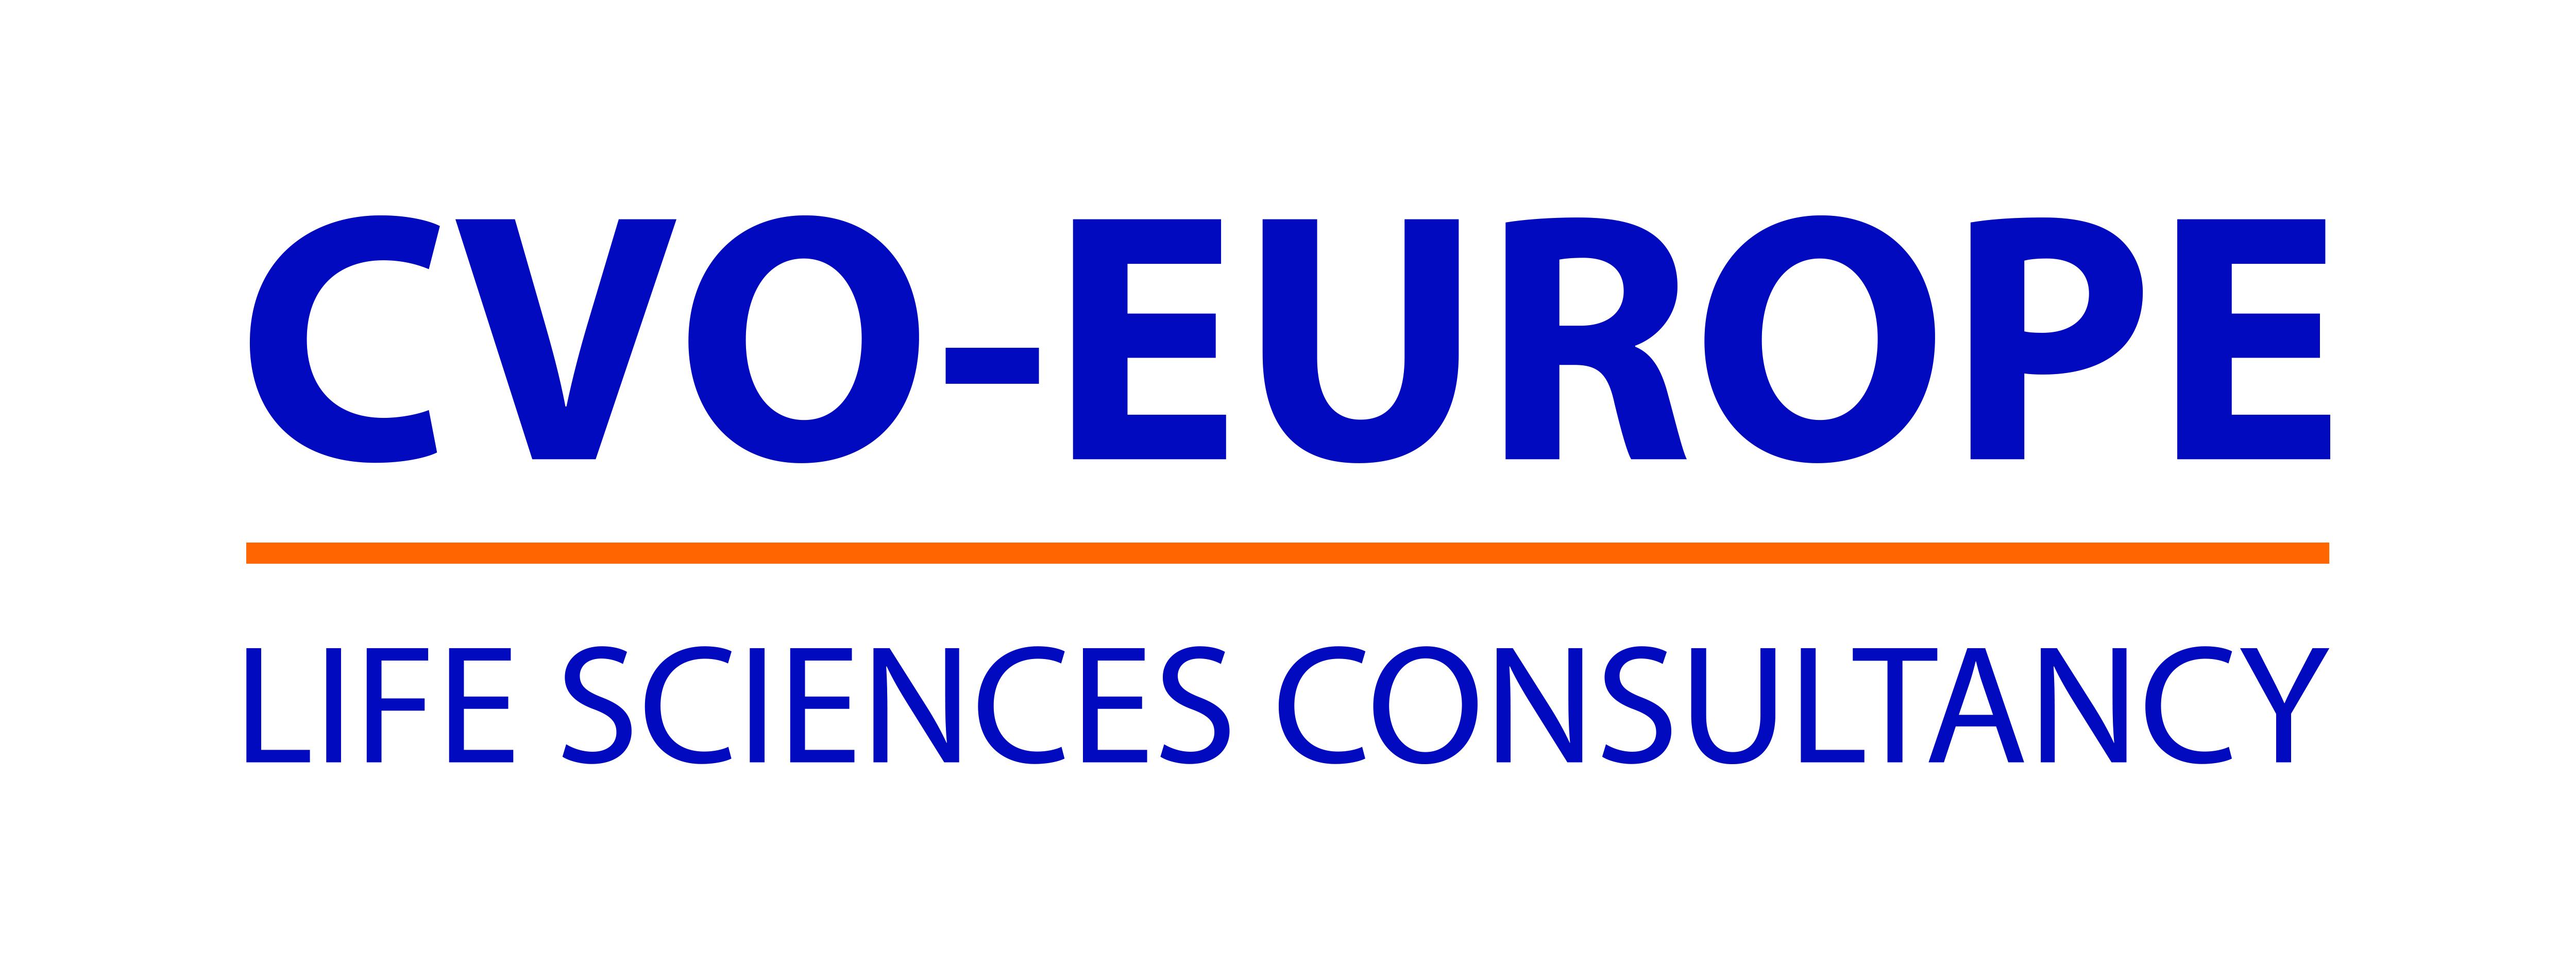 CVO-EUROPE change de logo : Life Sciences Consultancy